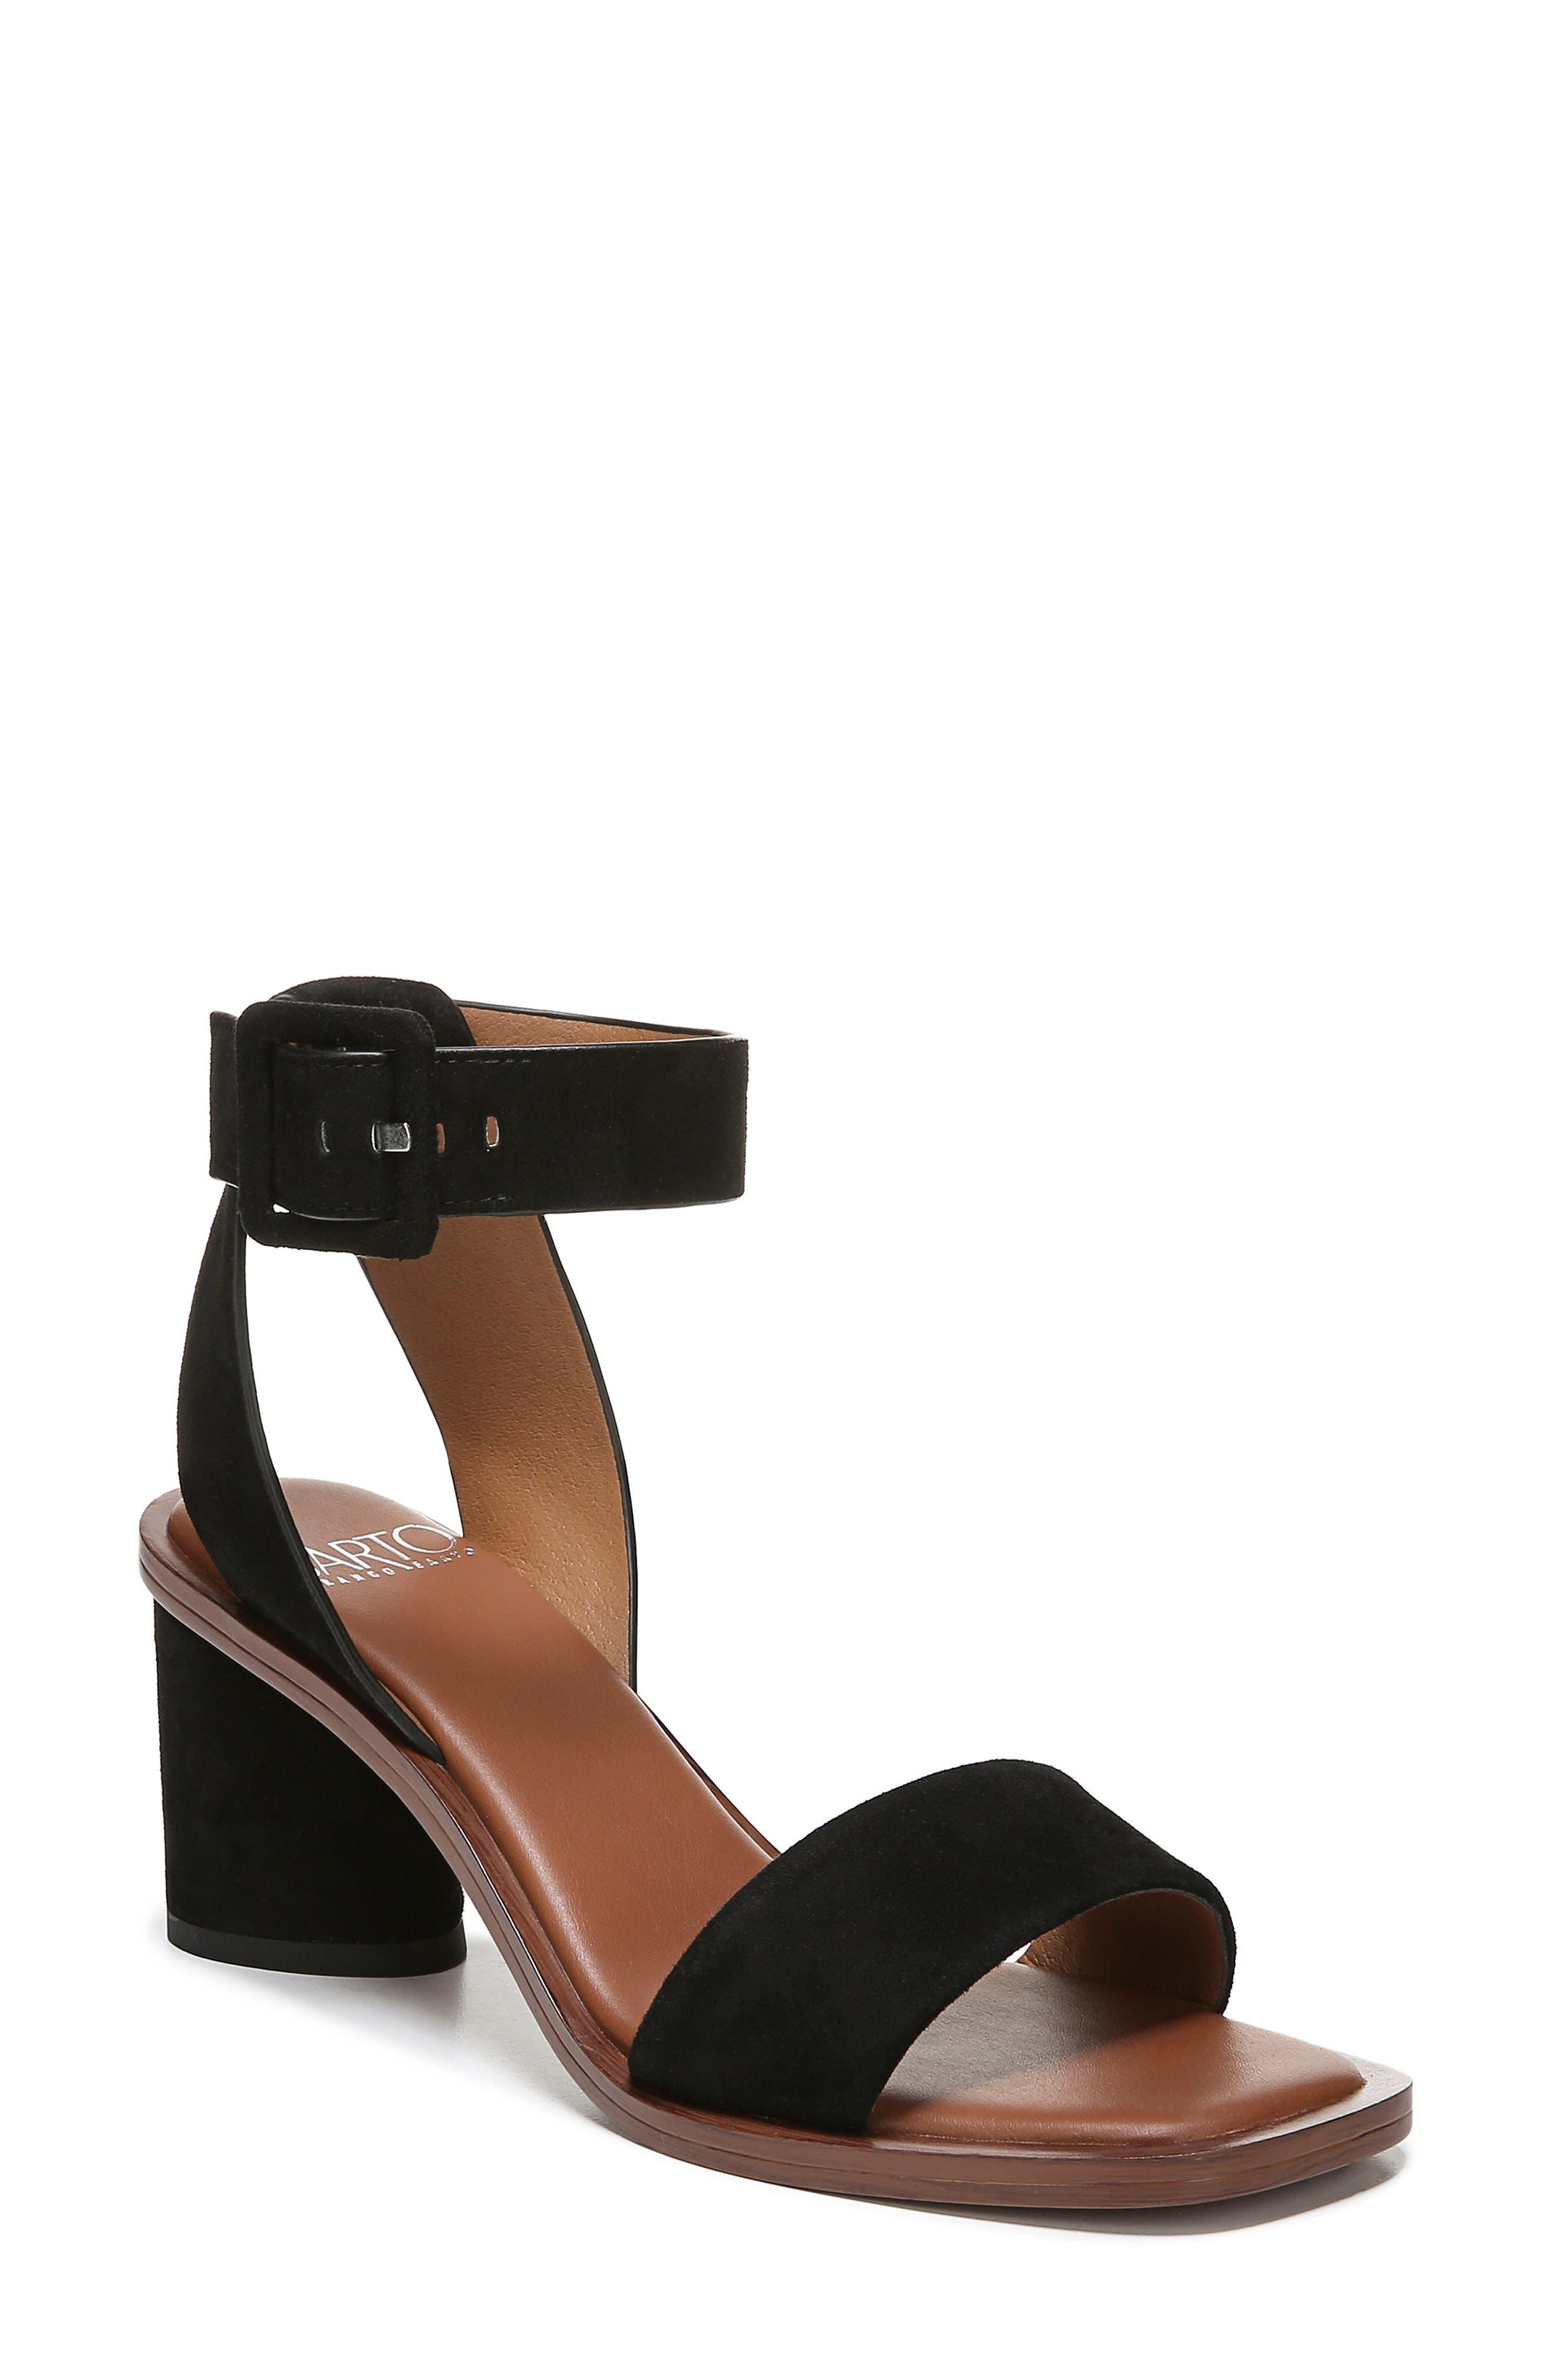 Sarto By Franco Sarto Risa Strap Sandal, Black